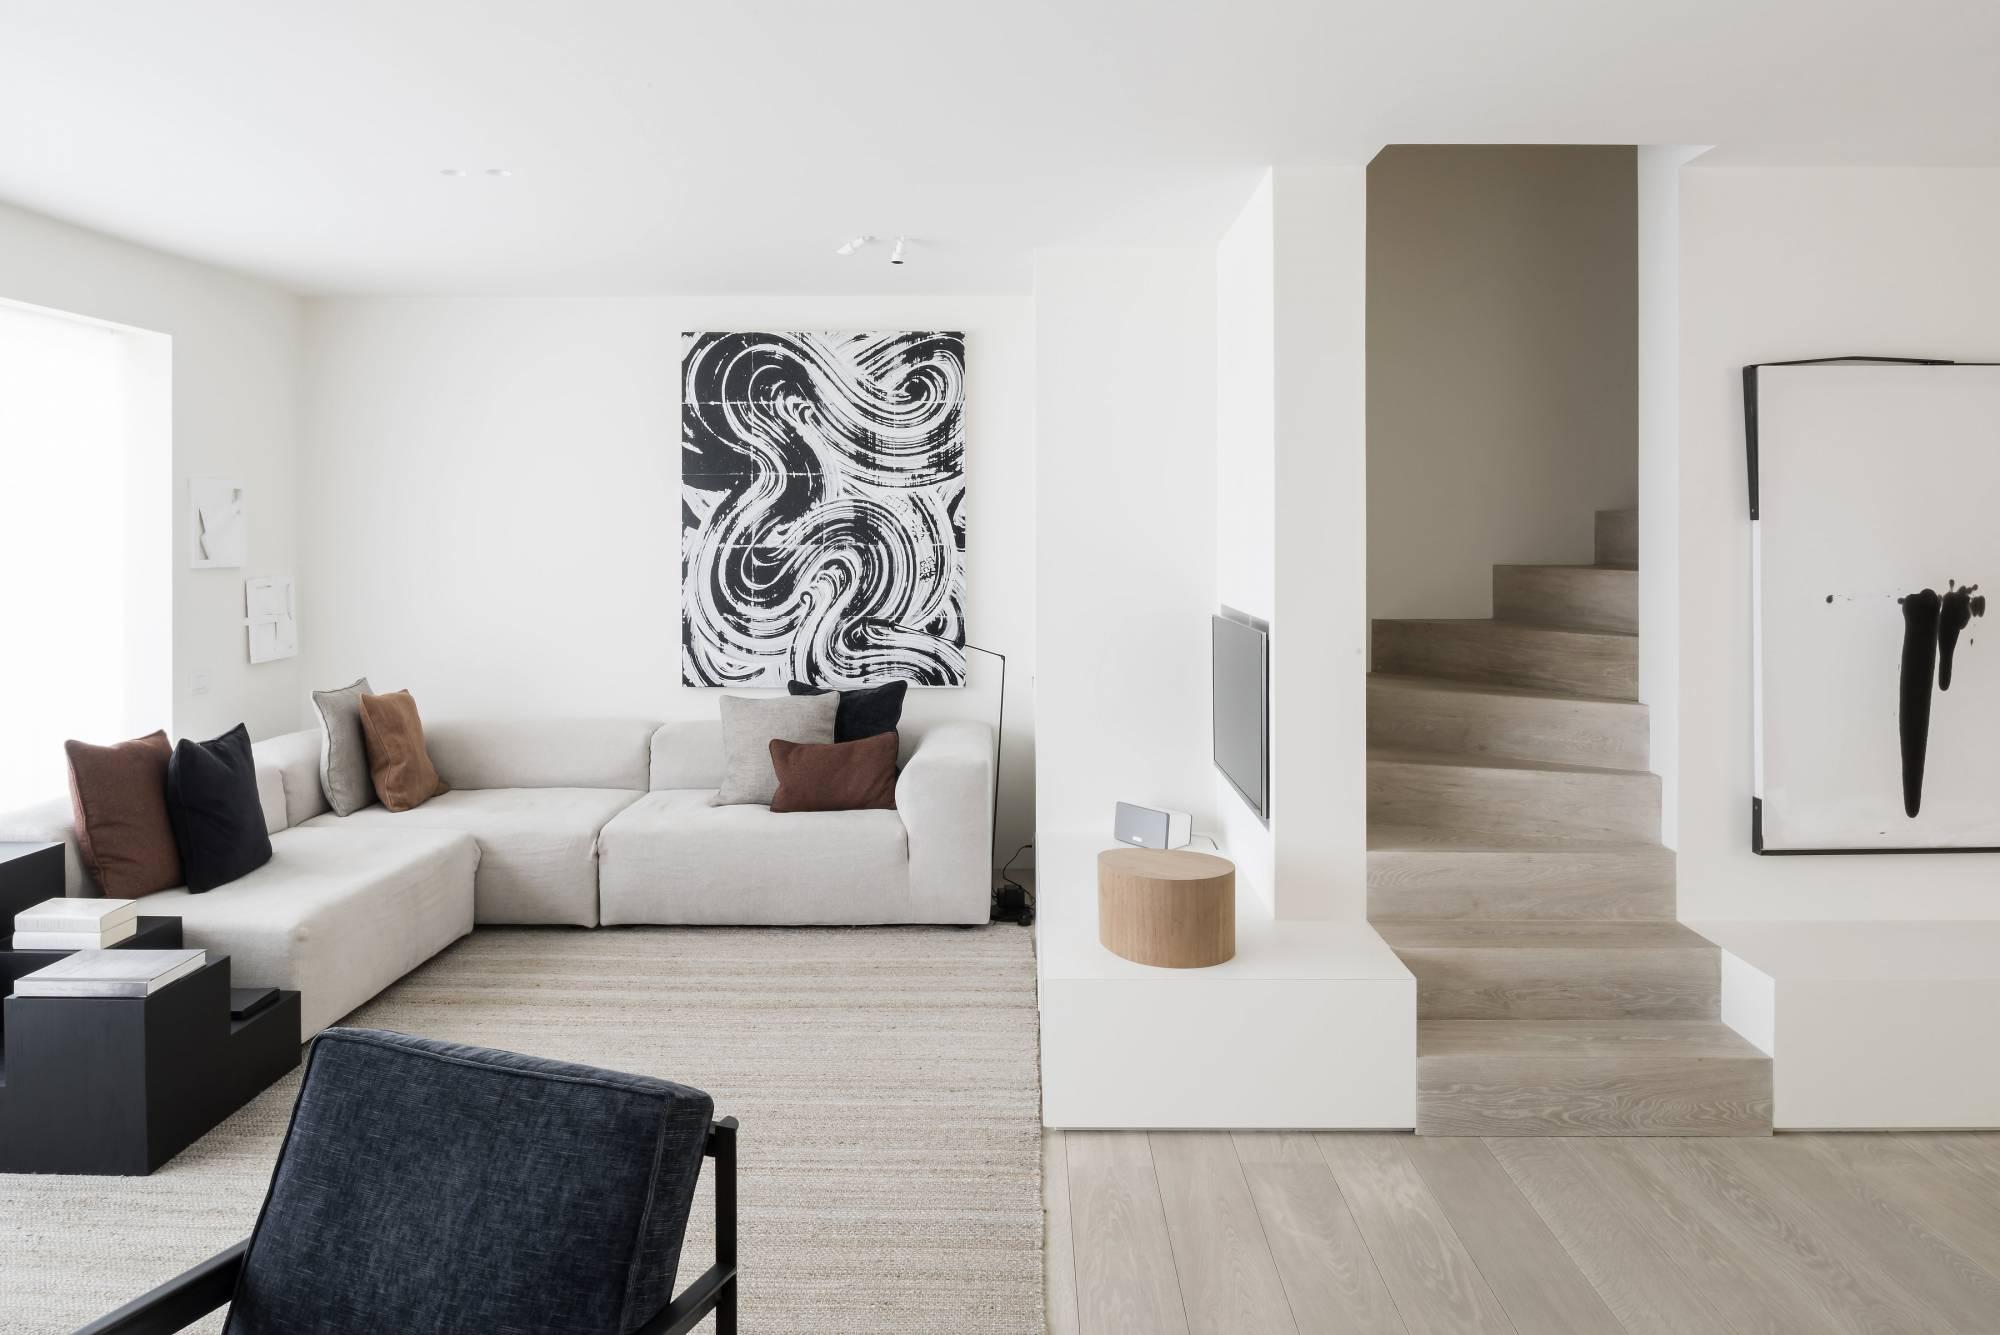 appartement von vincent van duysen im minimalstil toskana naturstein. Black Bedroom Furniture Sets. Home Design Ideas